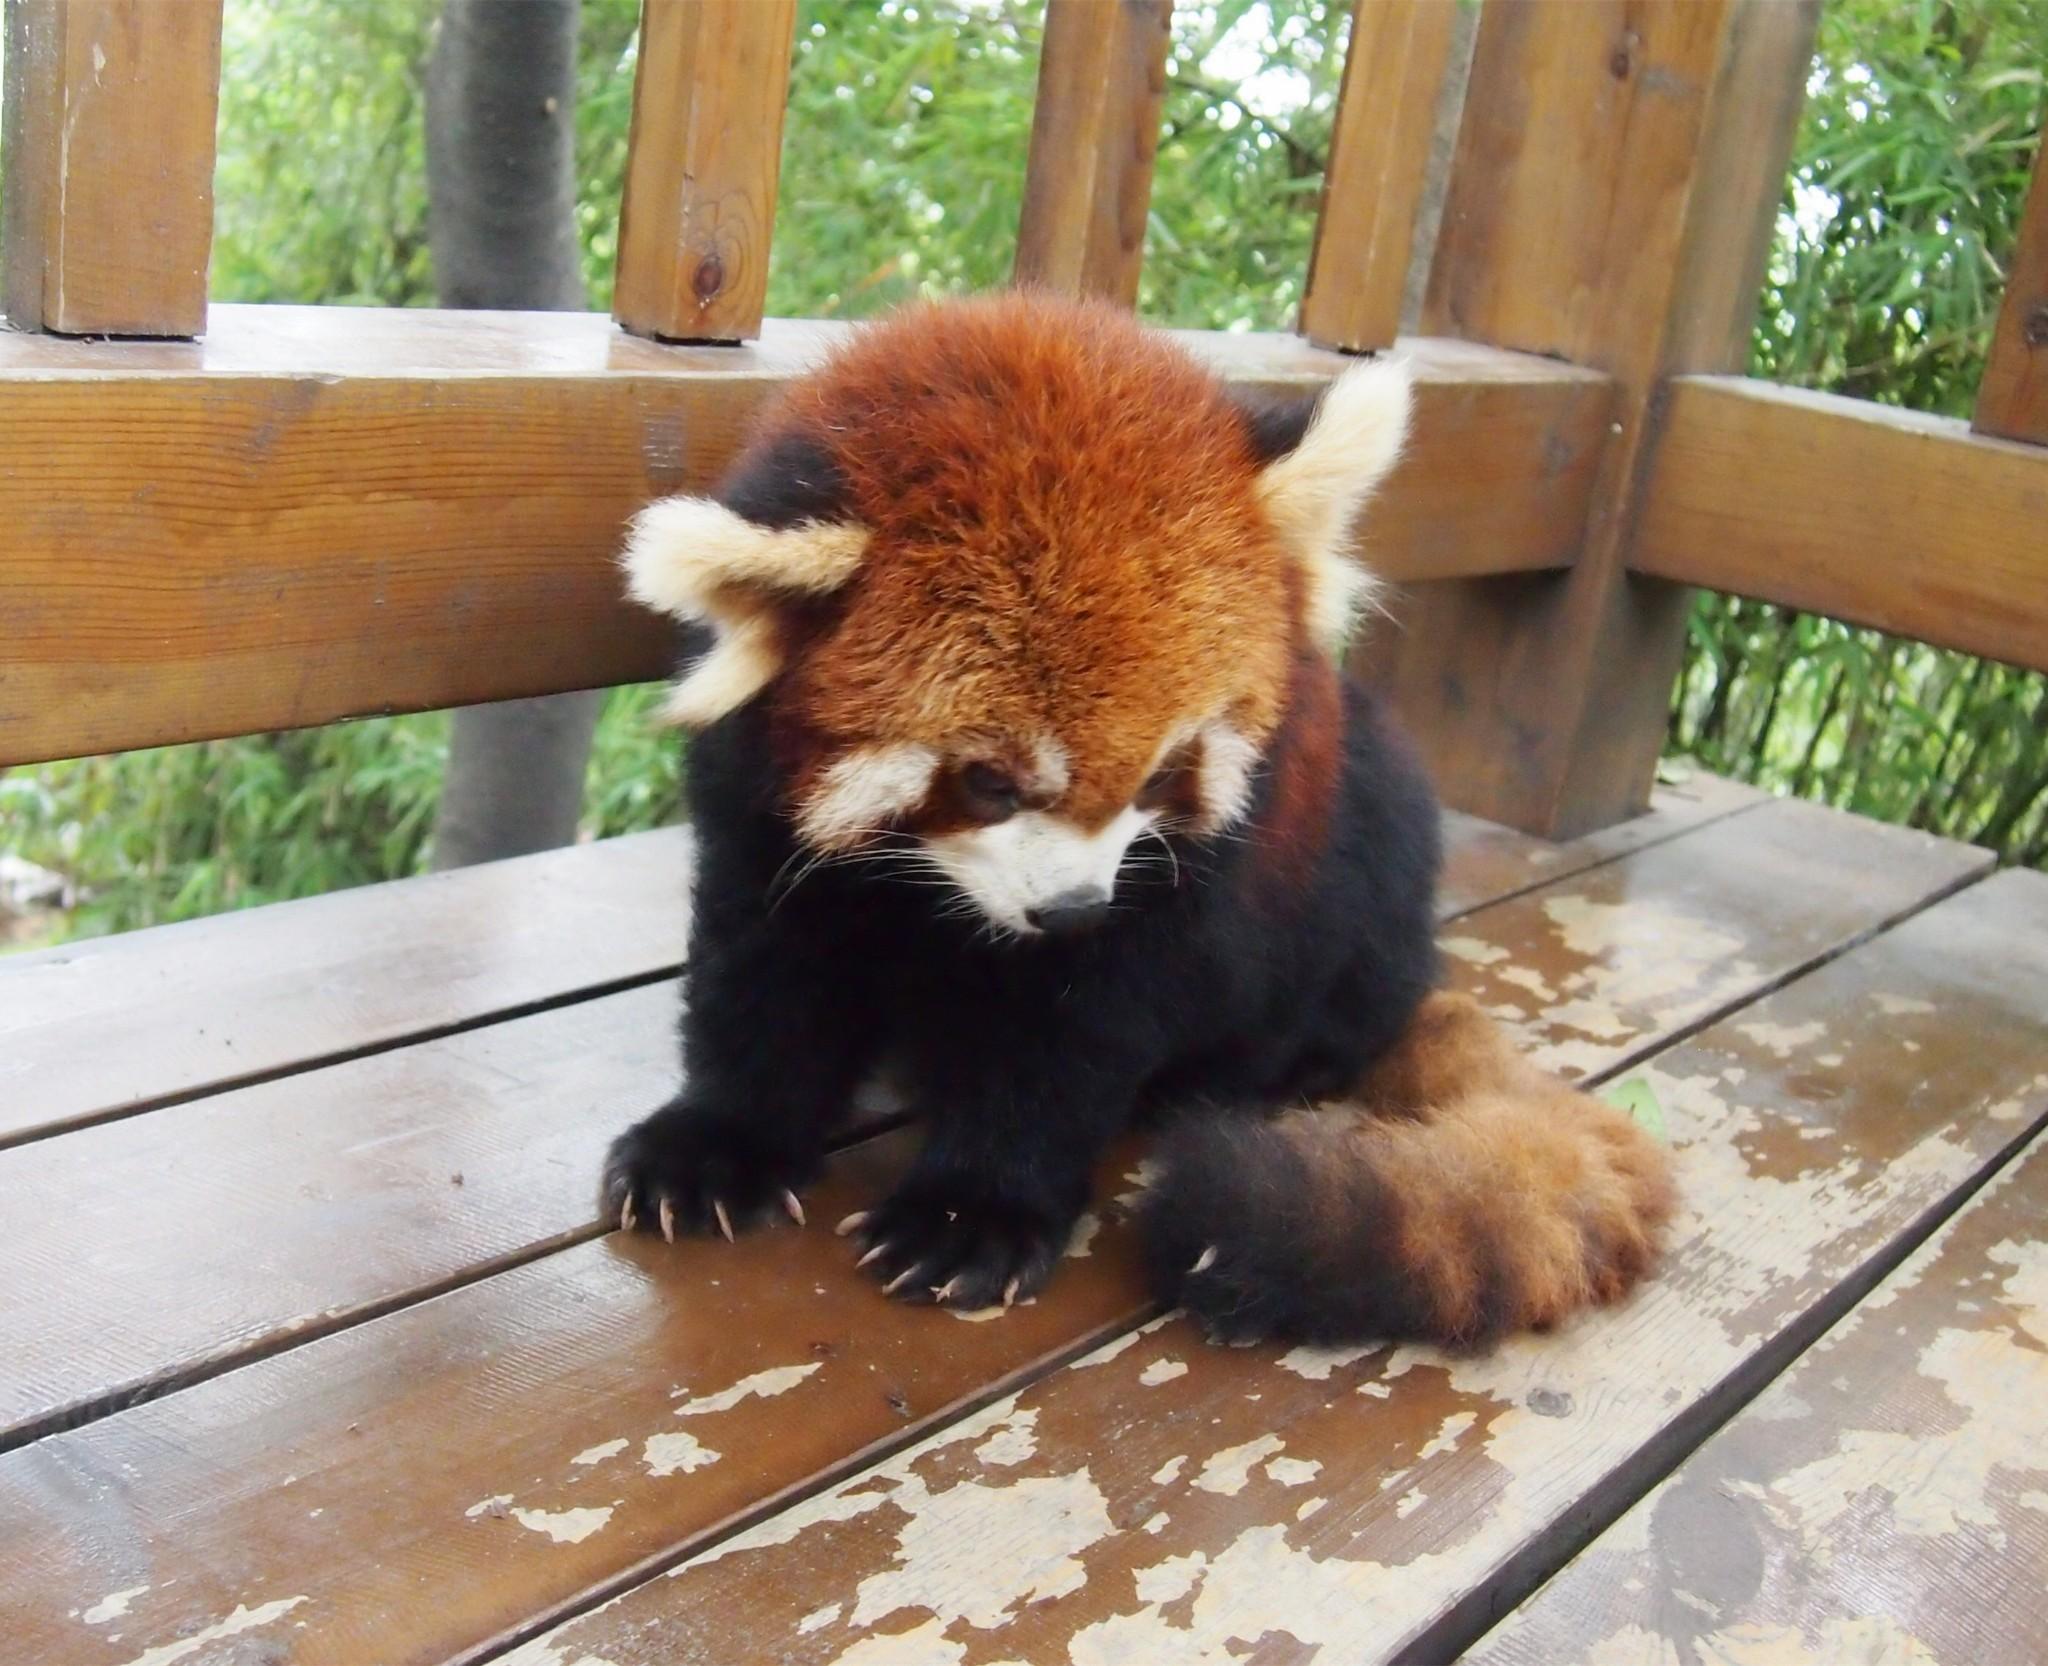 照片pk,考眼力 vs 小熊猫